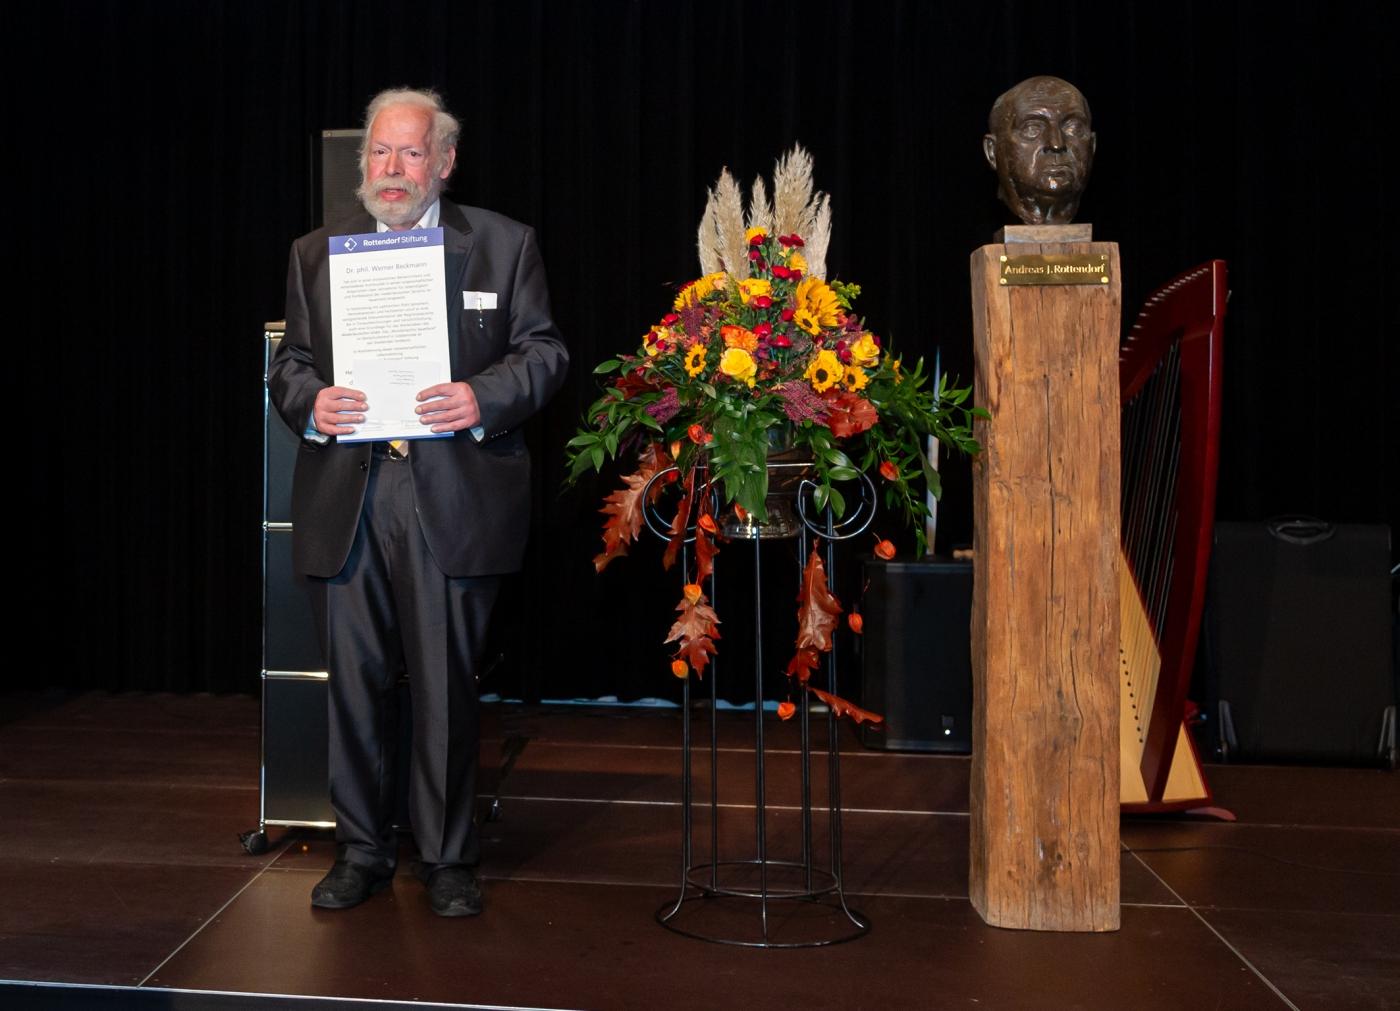 Der Preisträger mit der Verleihungsurkunde